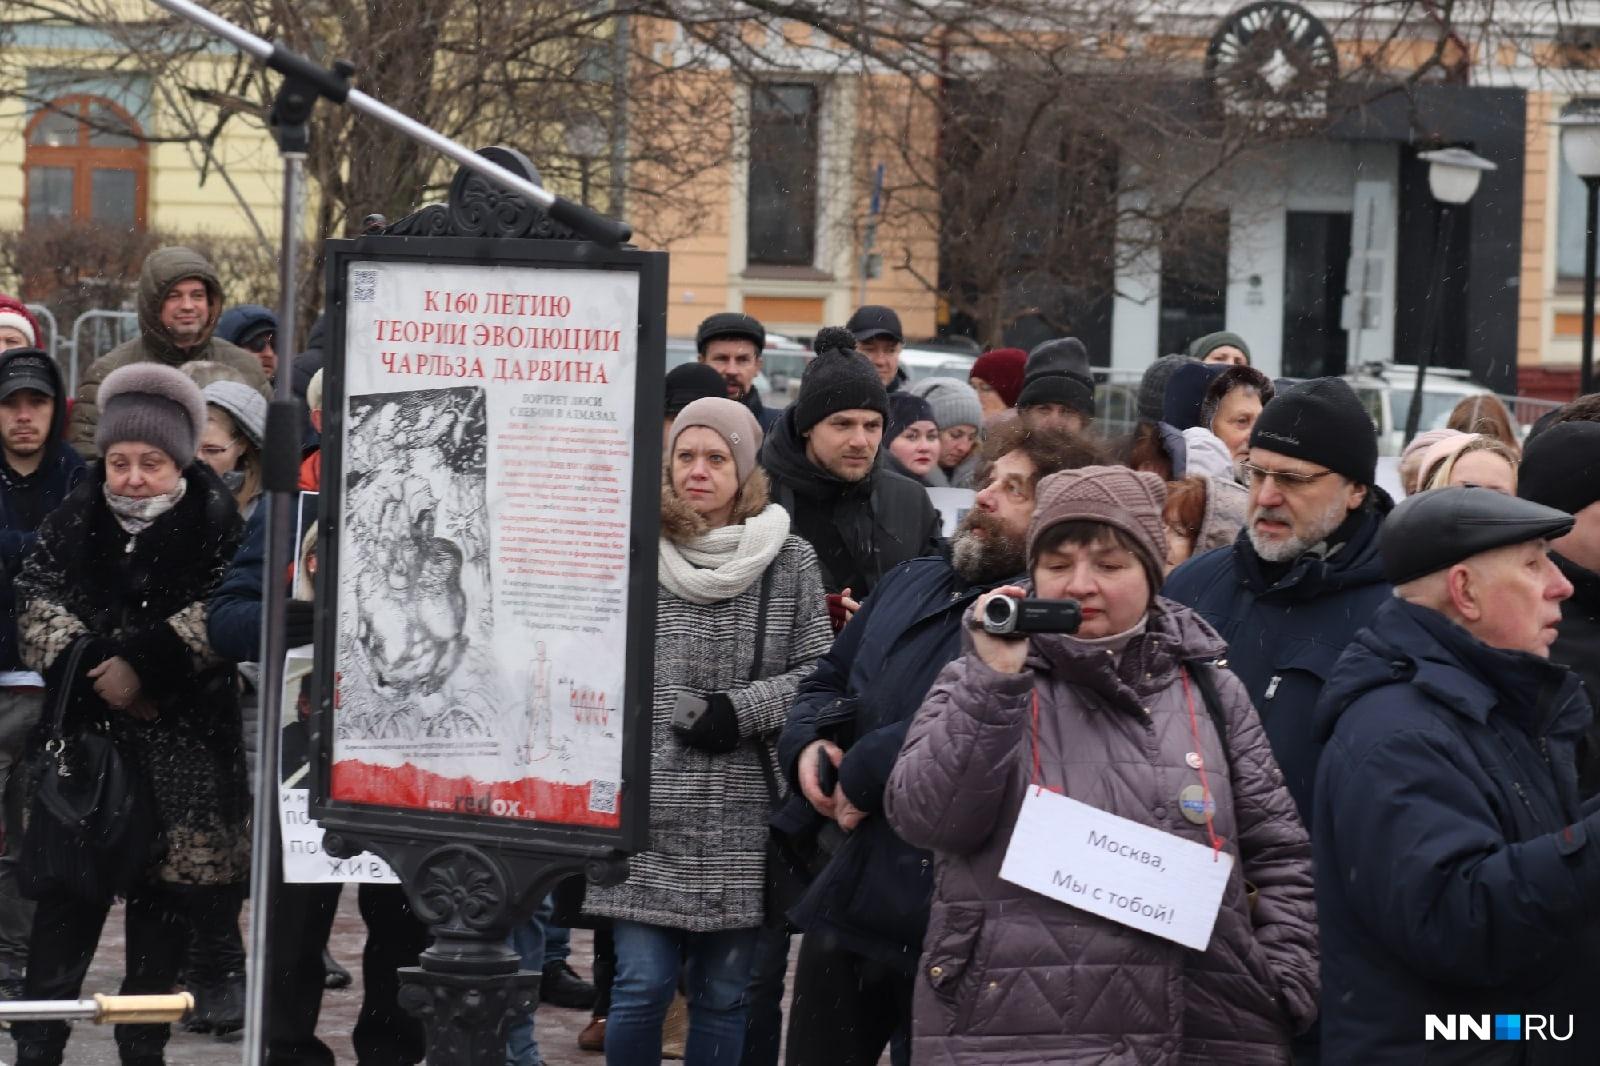 ингушетия картинки фото плакаты на акция немцова понравилось